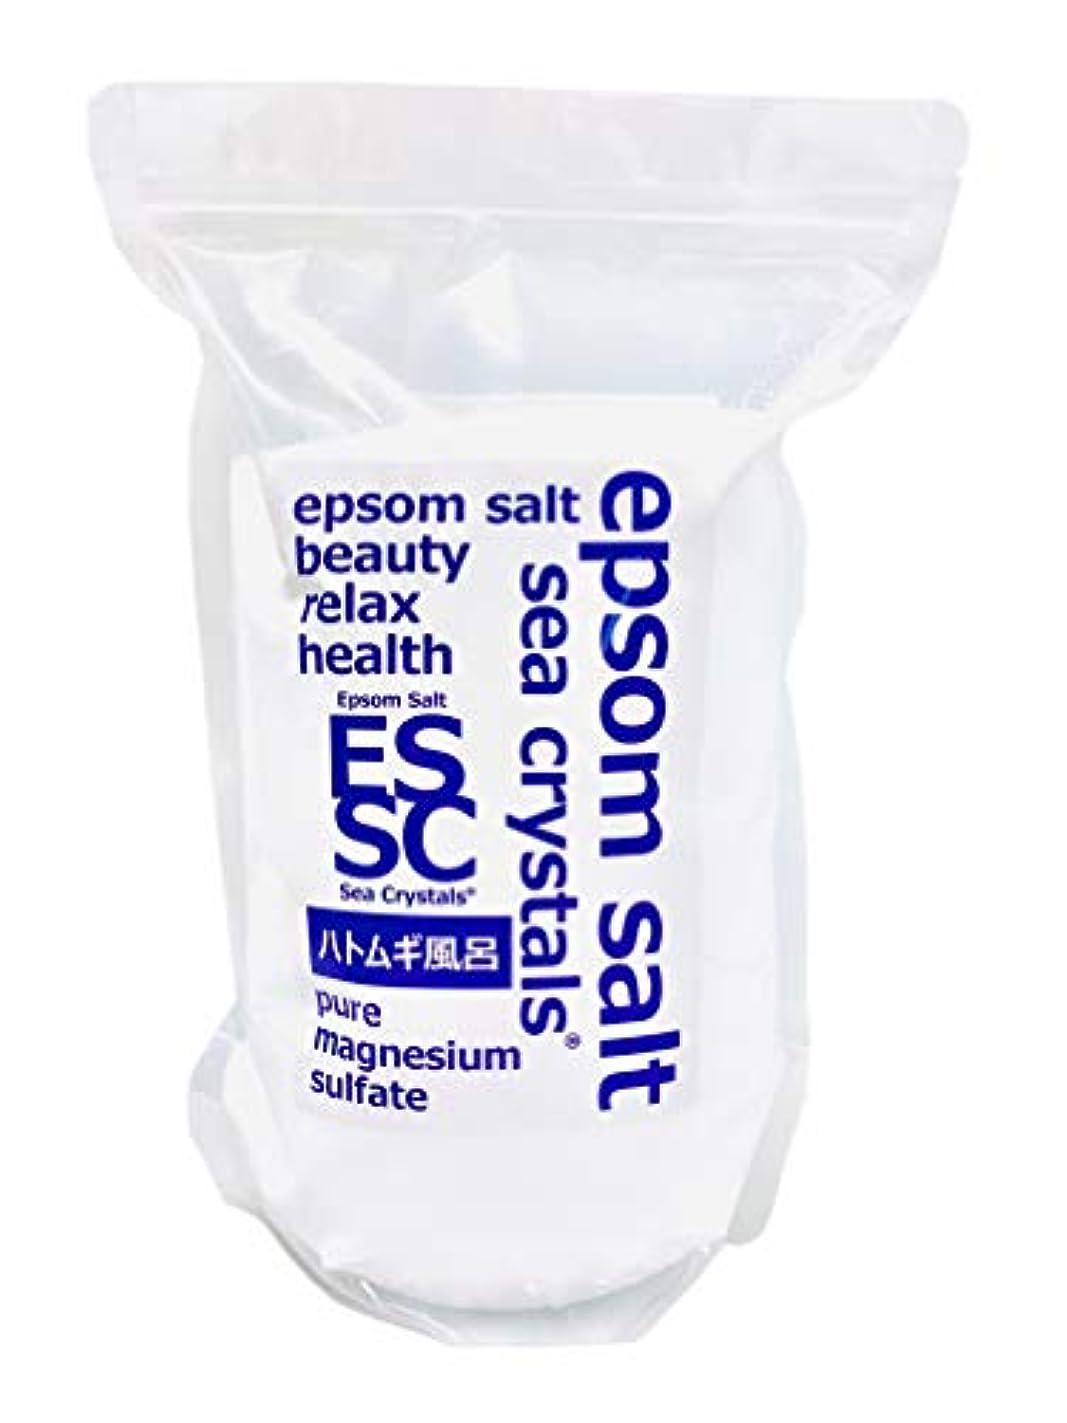 ヘロインバランスのとれたフライカイト【Amazon.co.jp限定】 Sea Crystals(シークリスタルス) ハトムギ風呂 入浴剤 White 2.2kg